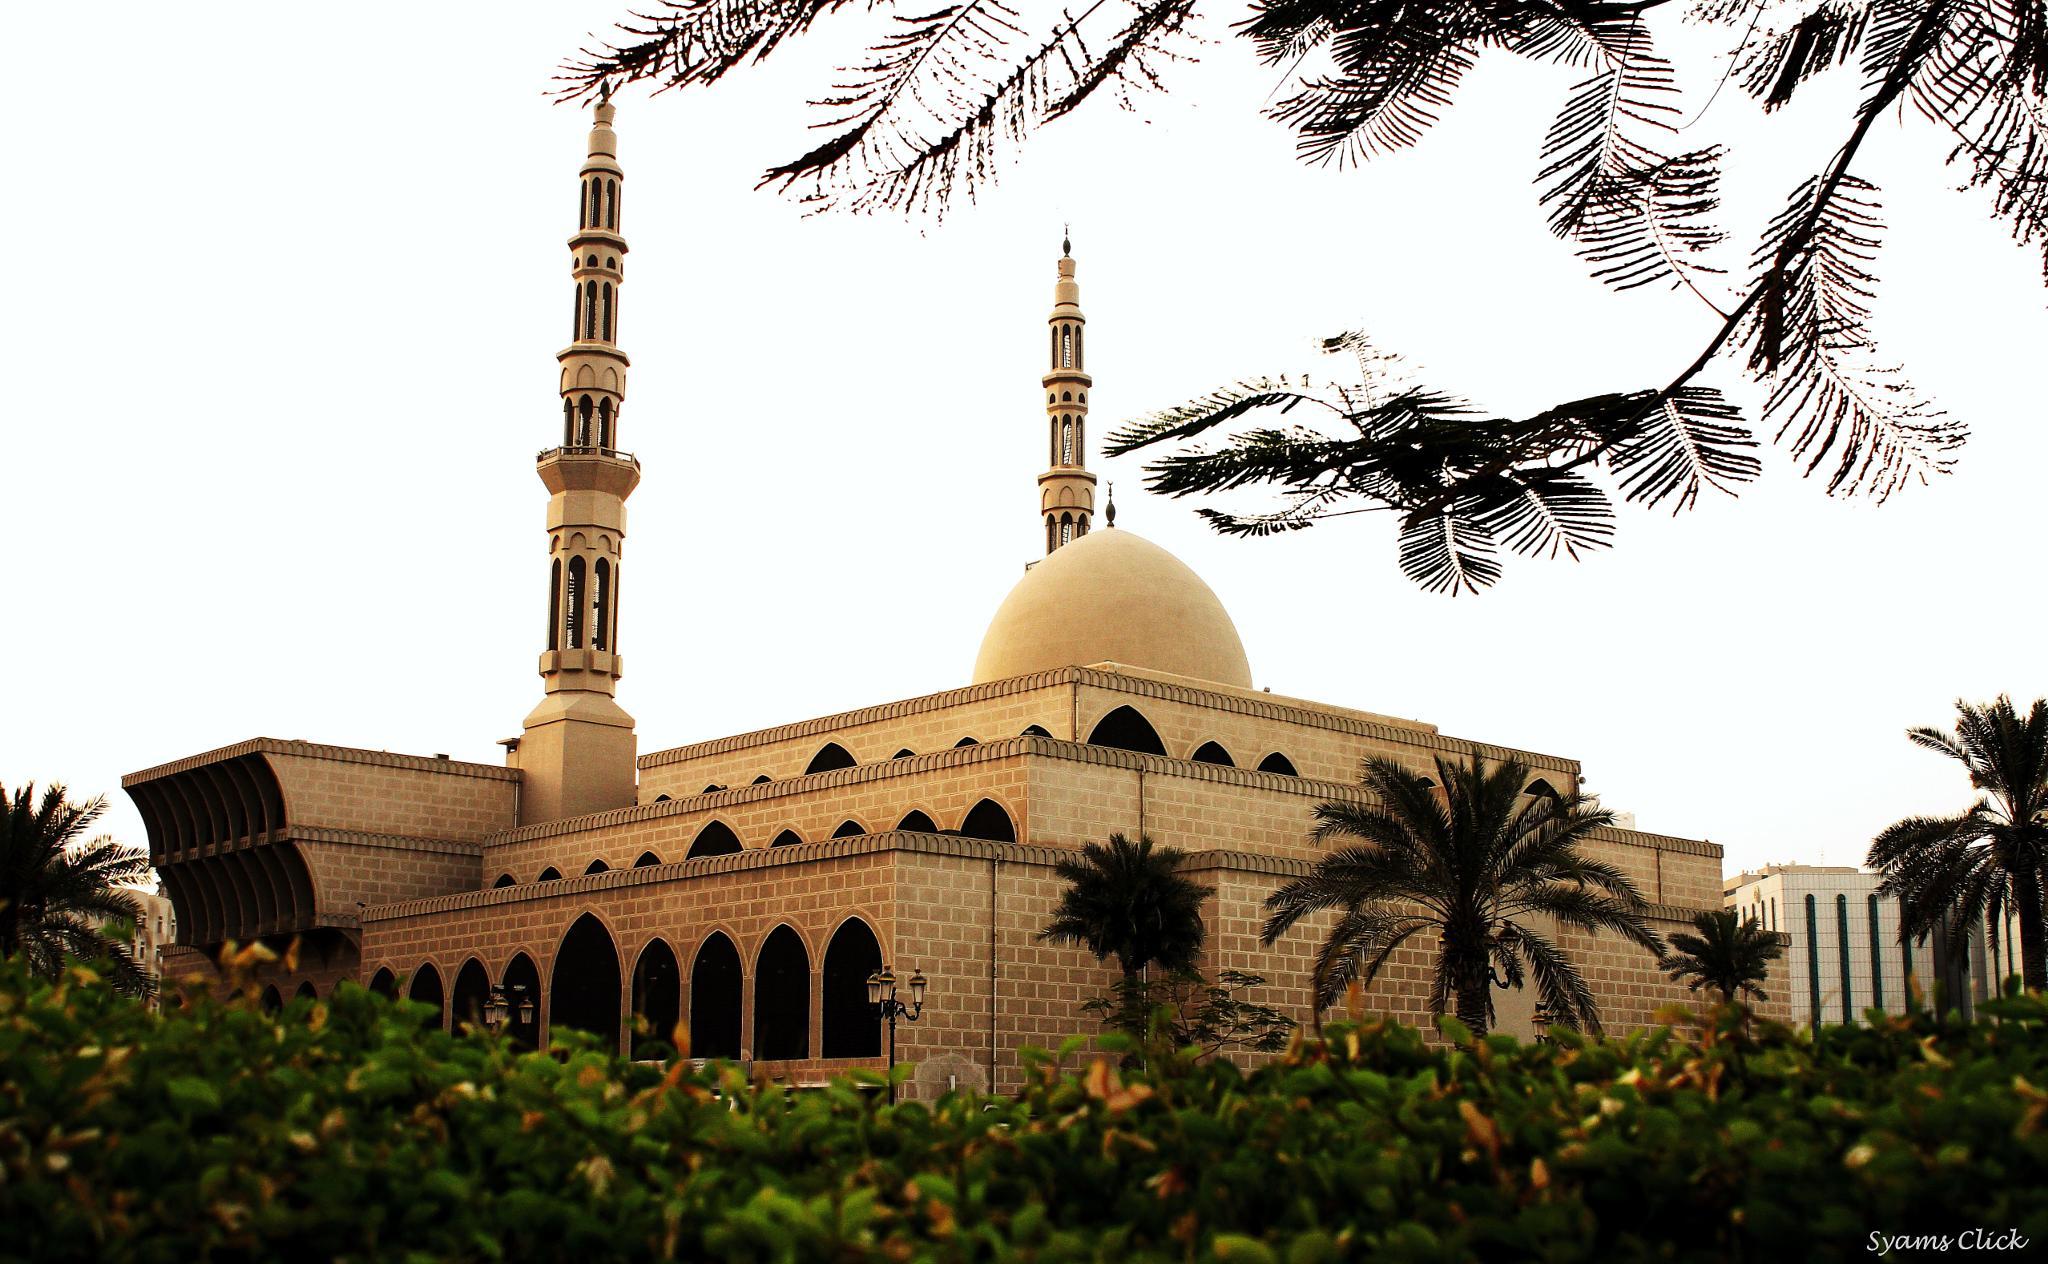 King Faisal Mosque by SyamsclicK